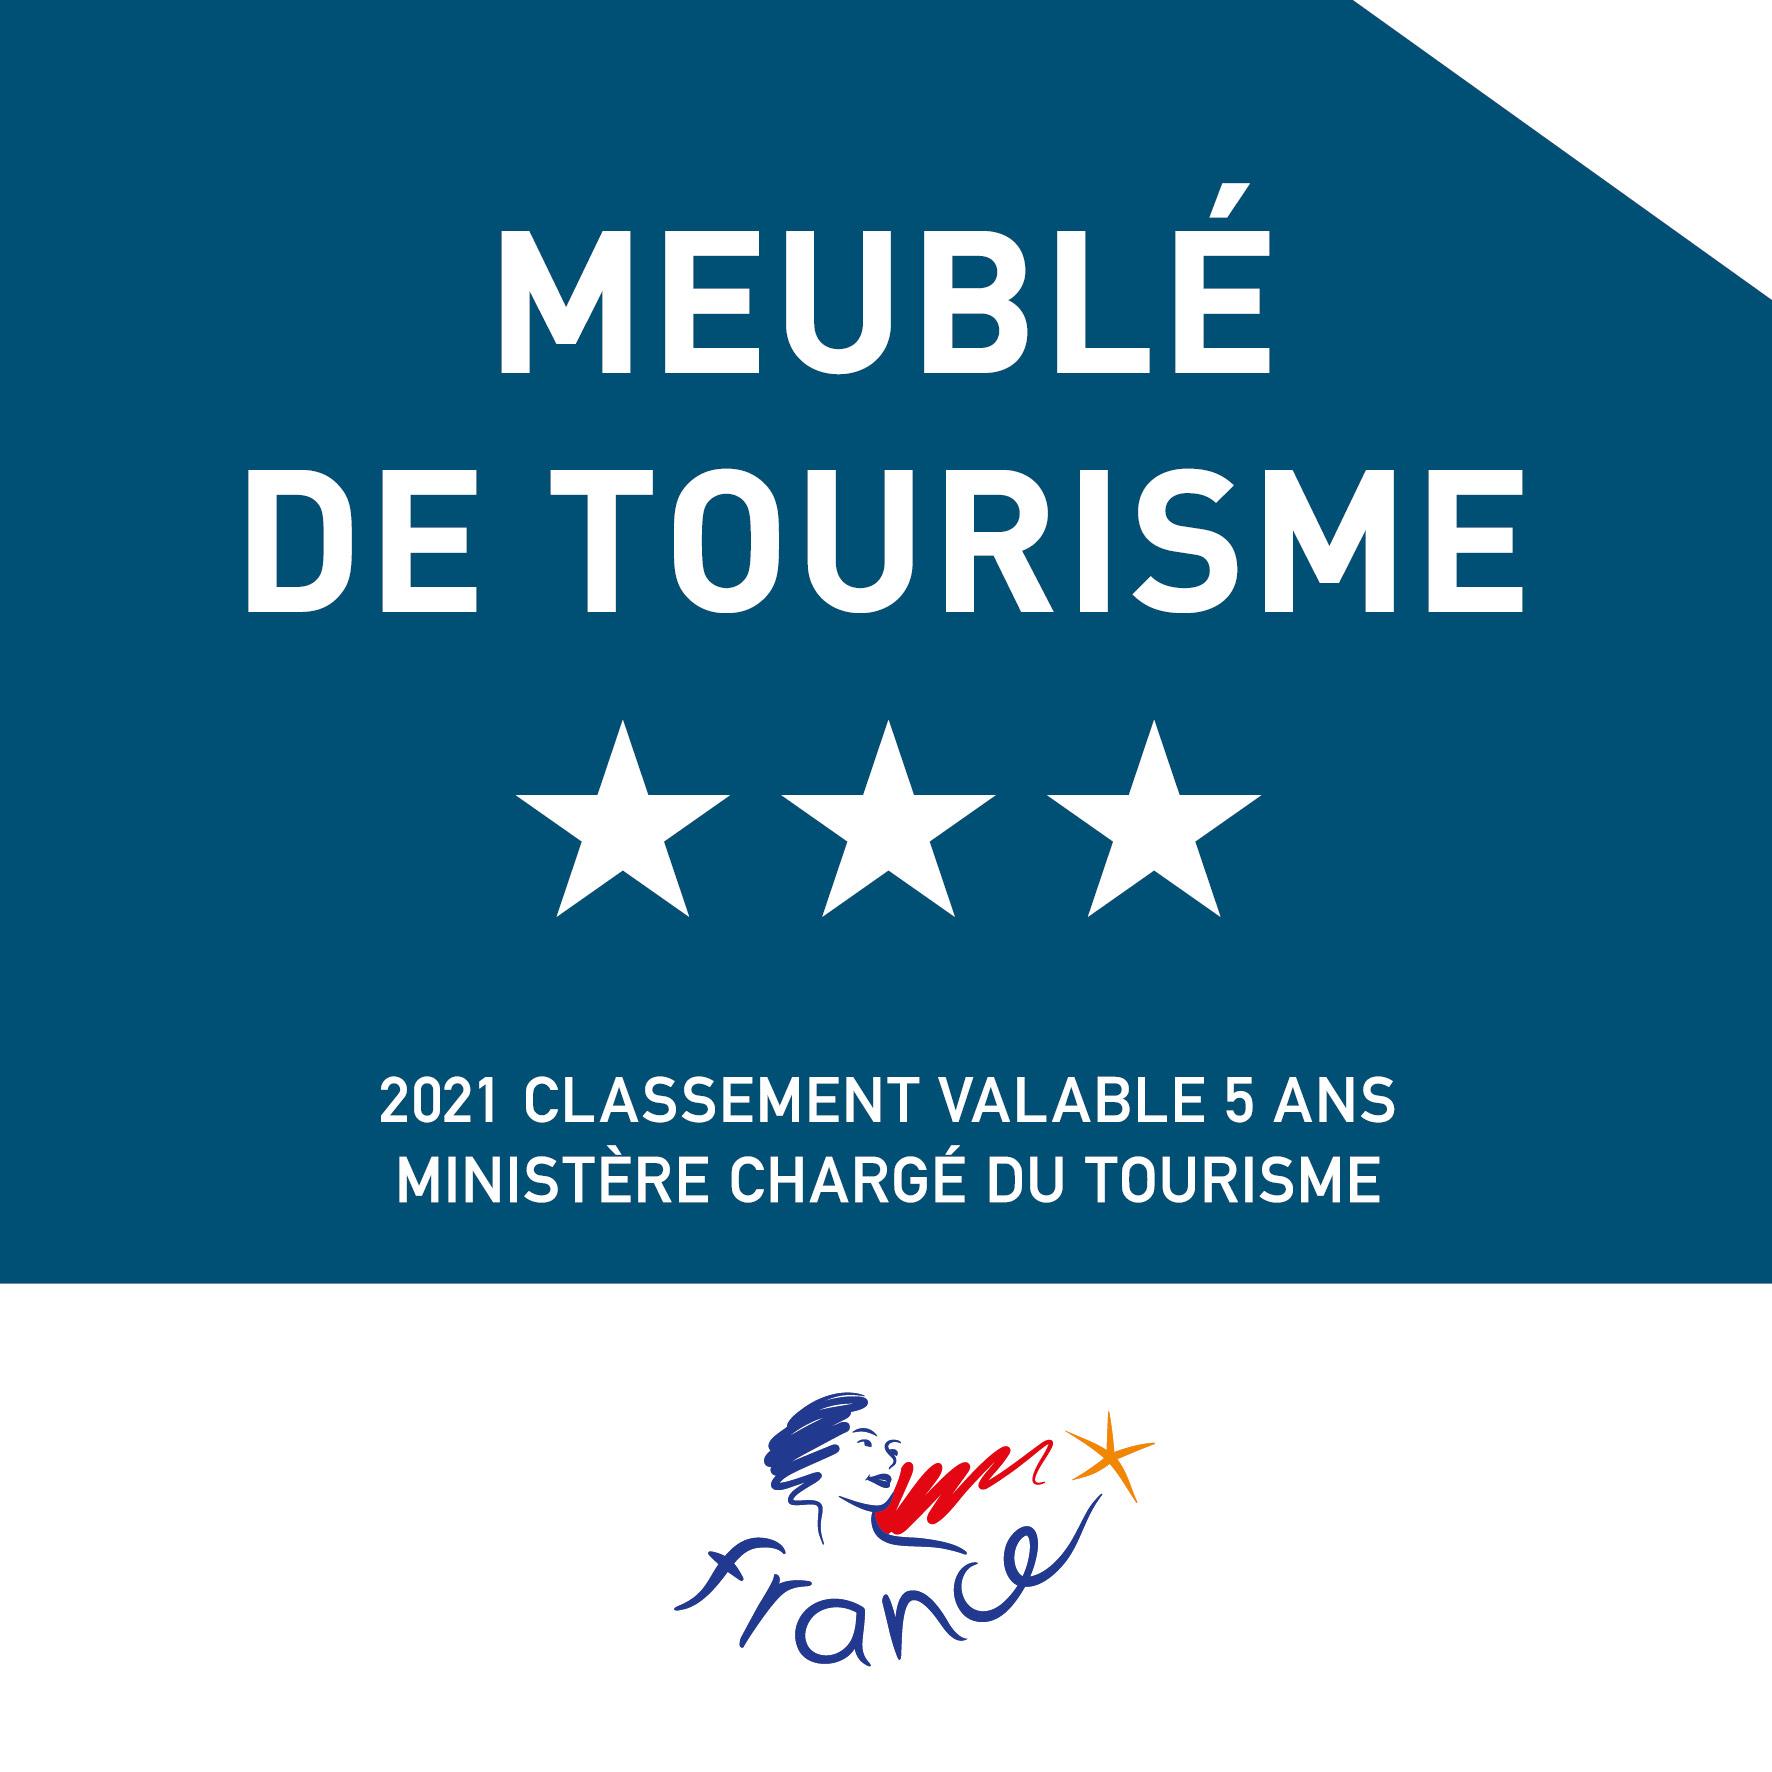 Plaque-Meuble_tourisme3_2021.jpg